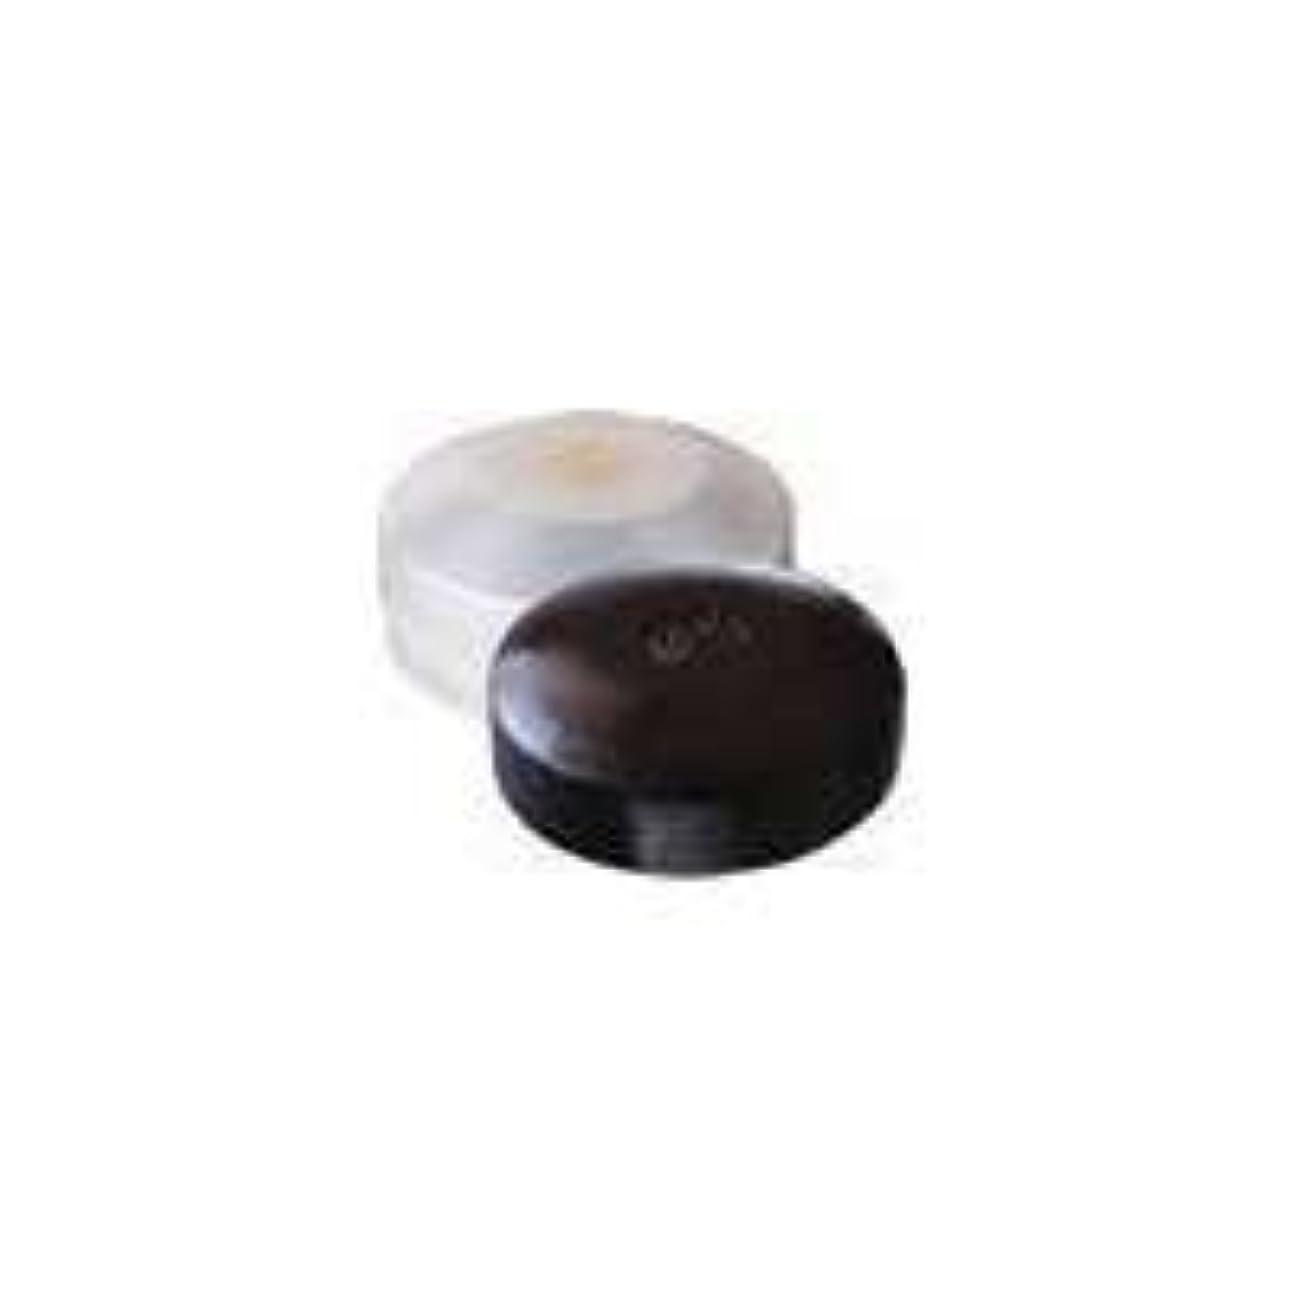 提供軸ダムマミヤンアロエ基礎化粧品シリーズ アロエクセルソープ 120g(ケース有) まろやかな泡立ち透明石鹸